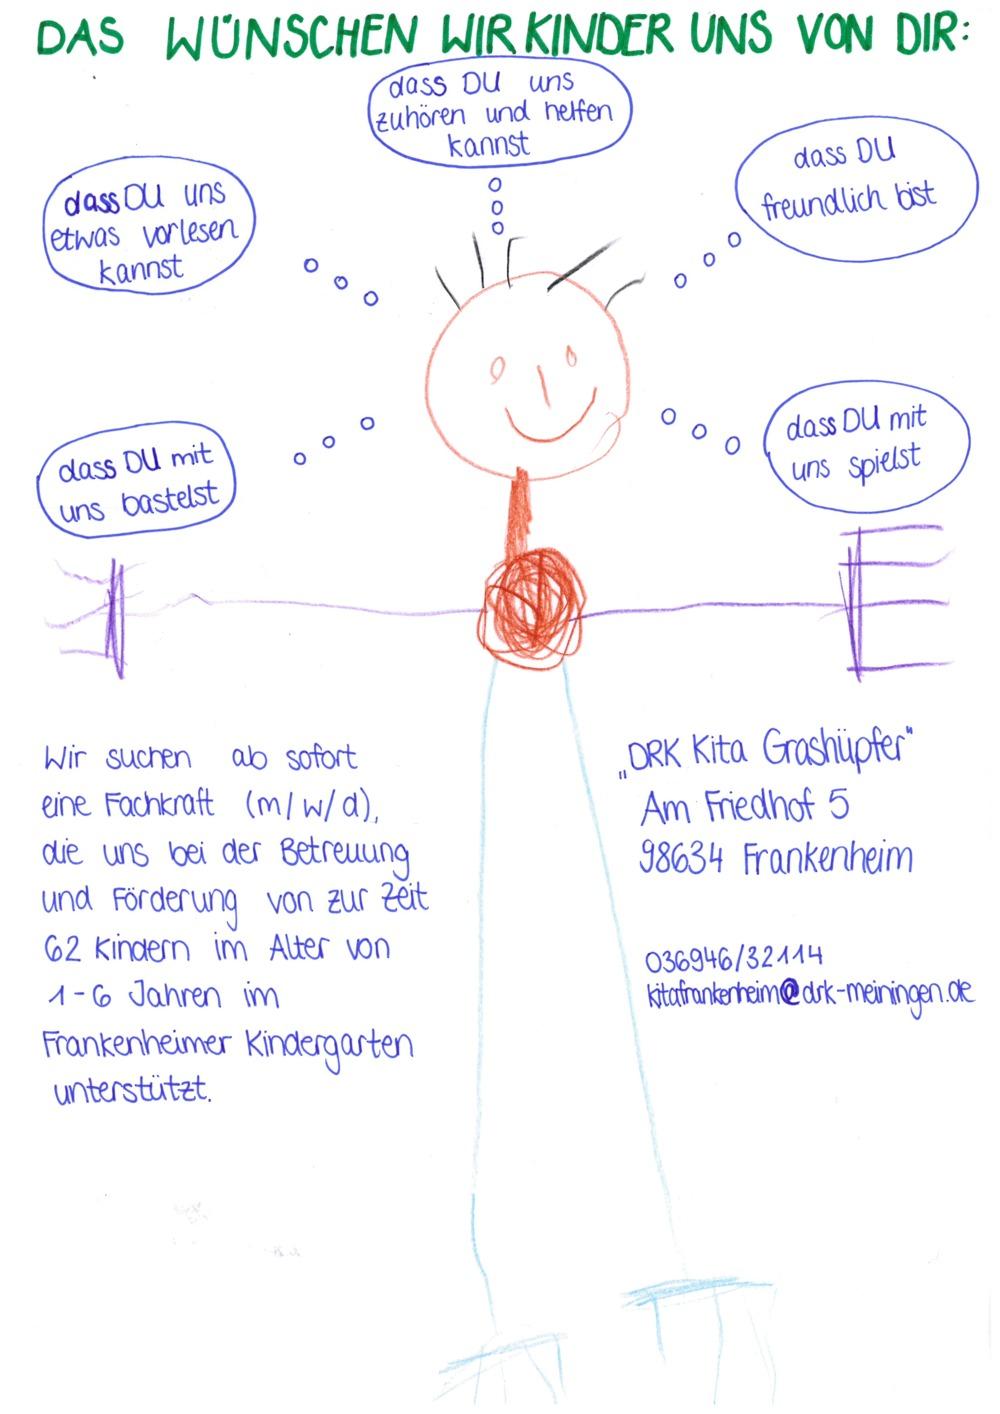 Erzieher (m/w/d) für Kindergarten Frankenheim gesucht